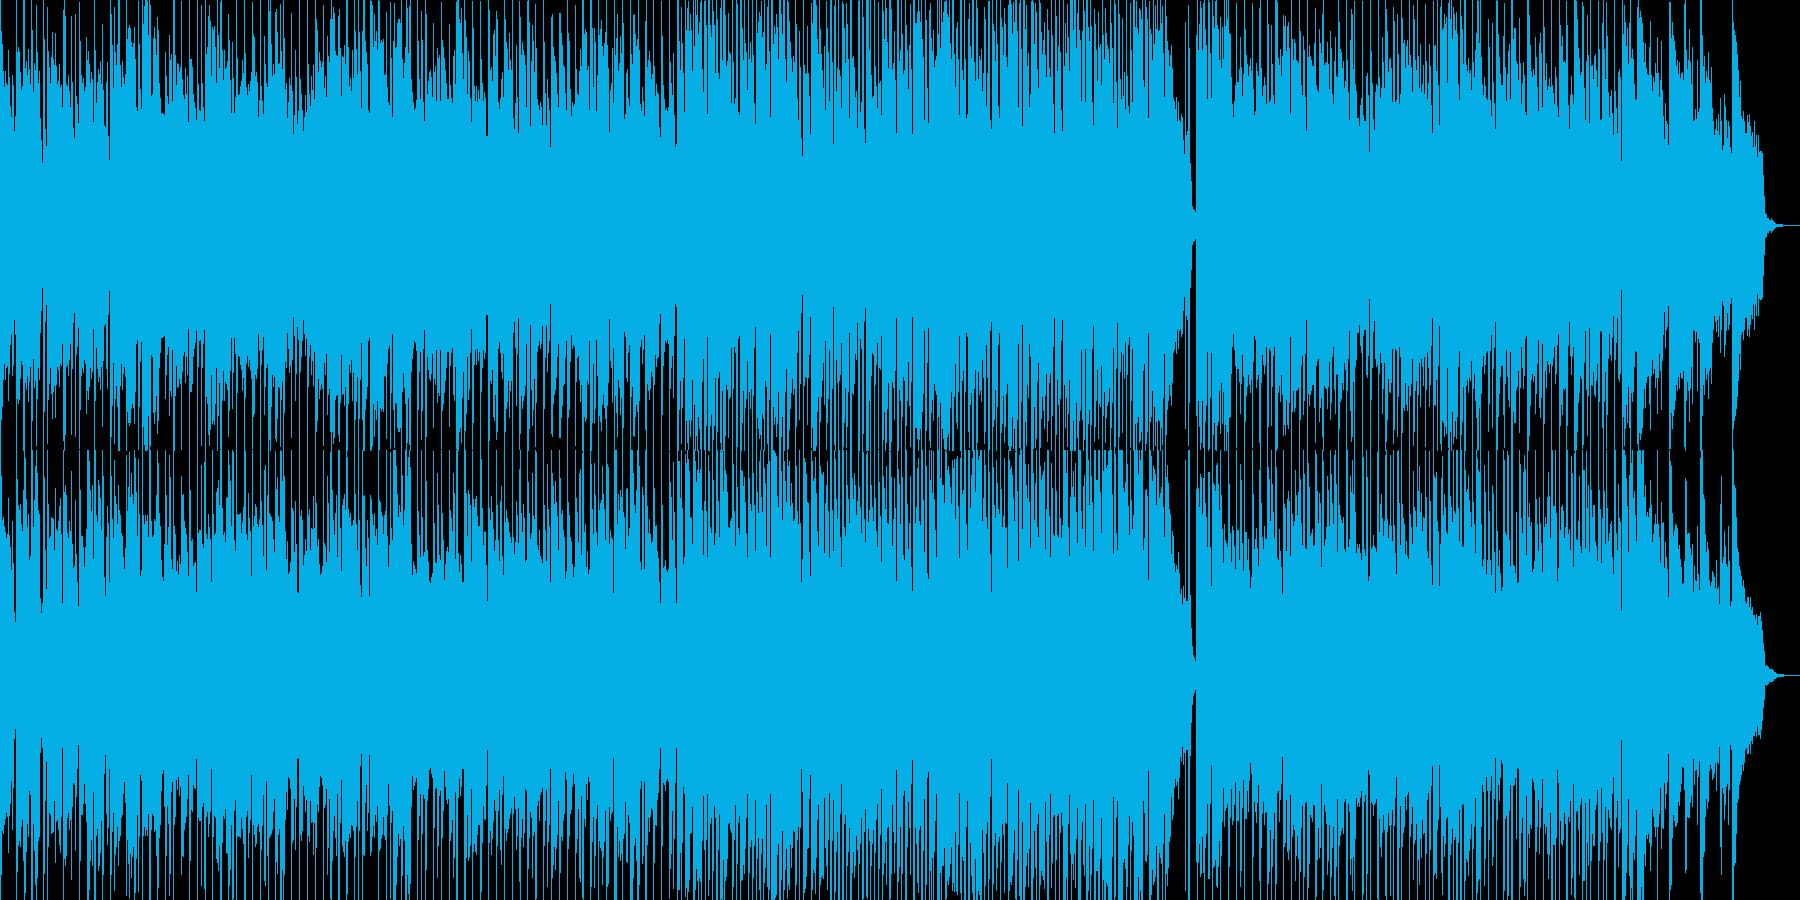 子供用の伸び伸びとした雰囲気のBGM2の再生済みの波形